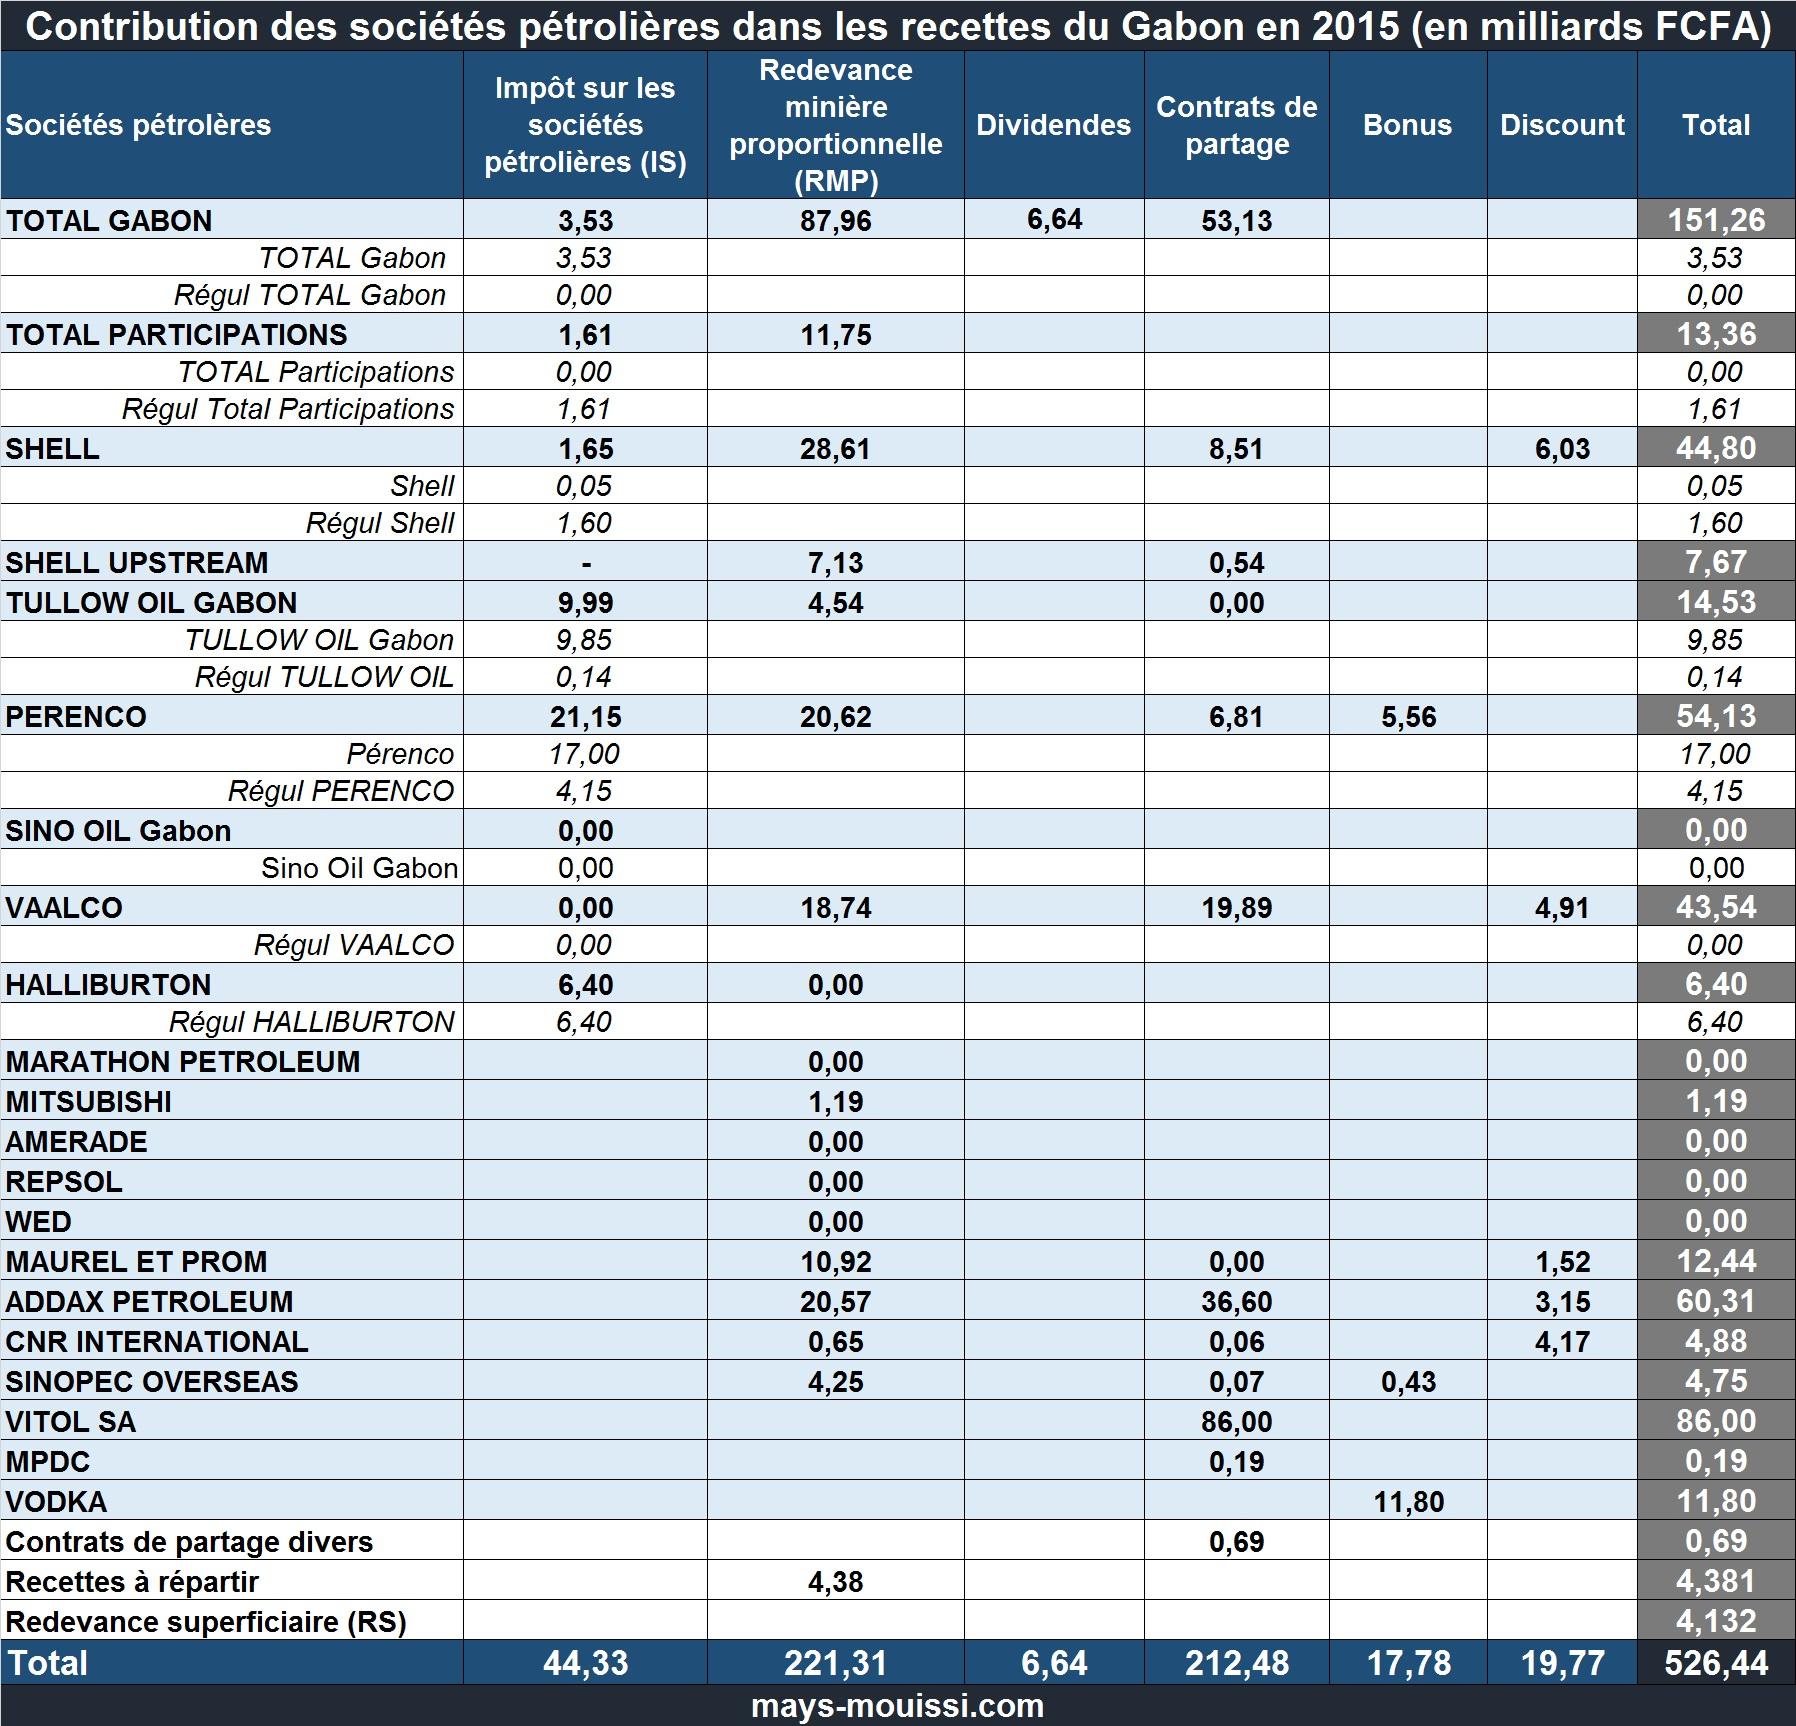 Contribution des sociétés pétrolières dans les recettes du Gabon